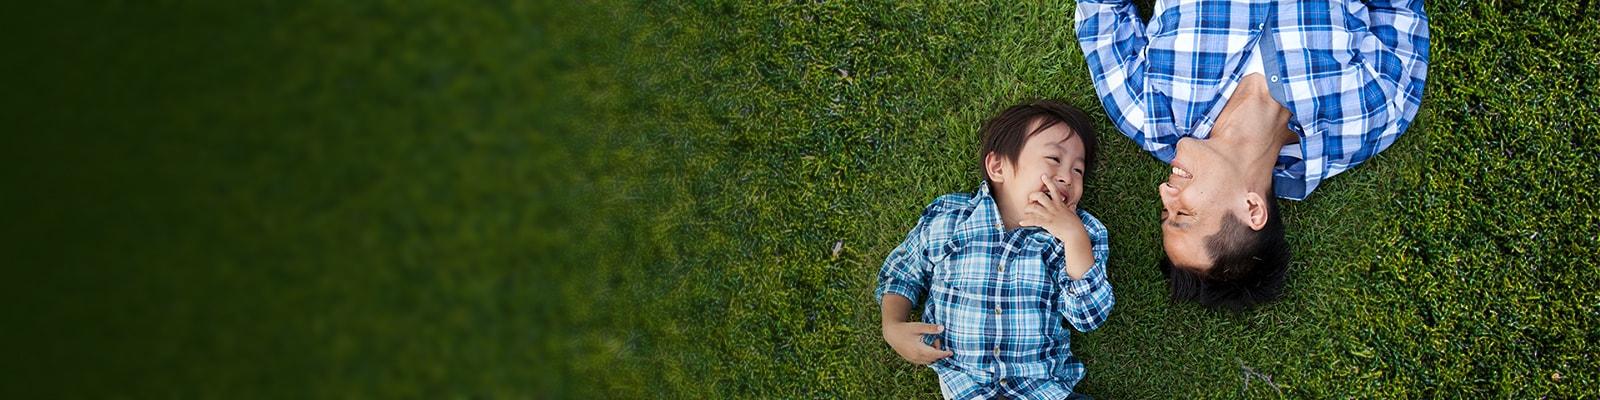 Grass, Plant, Person